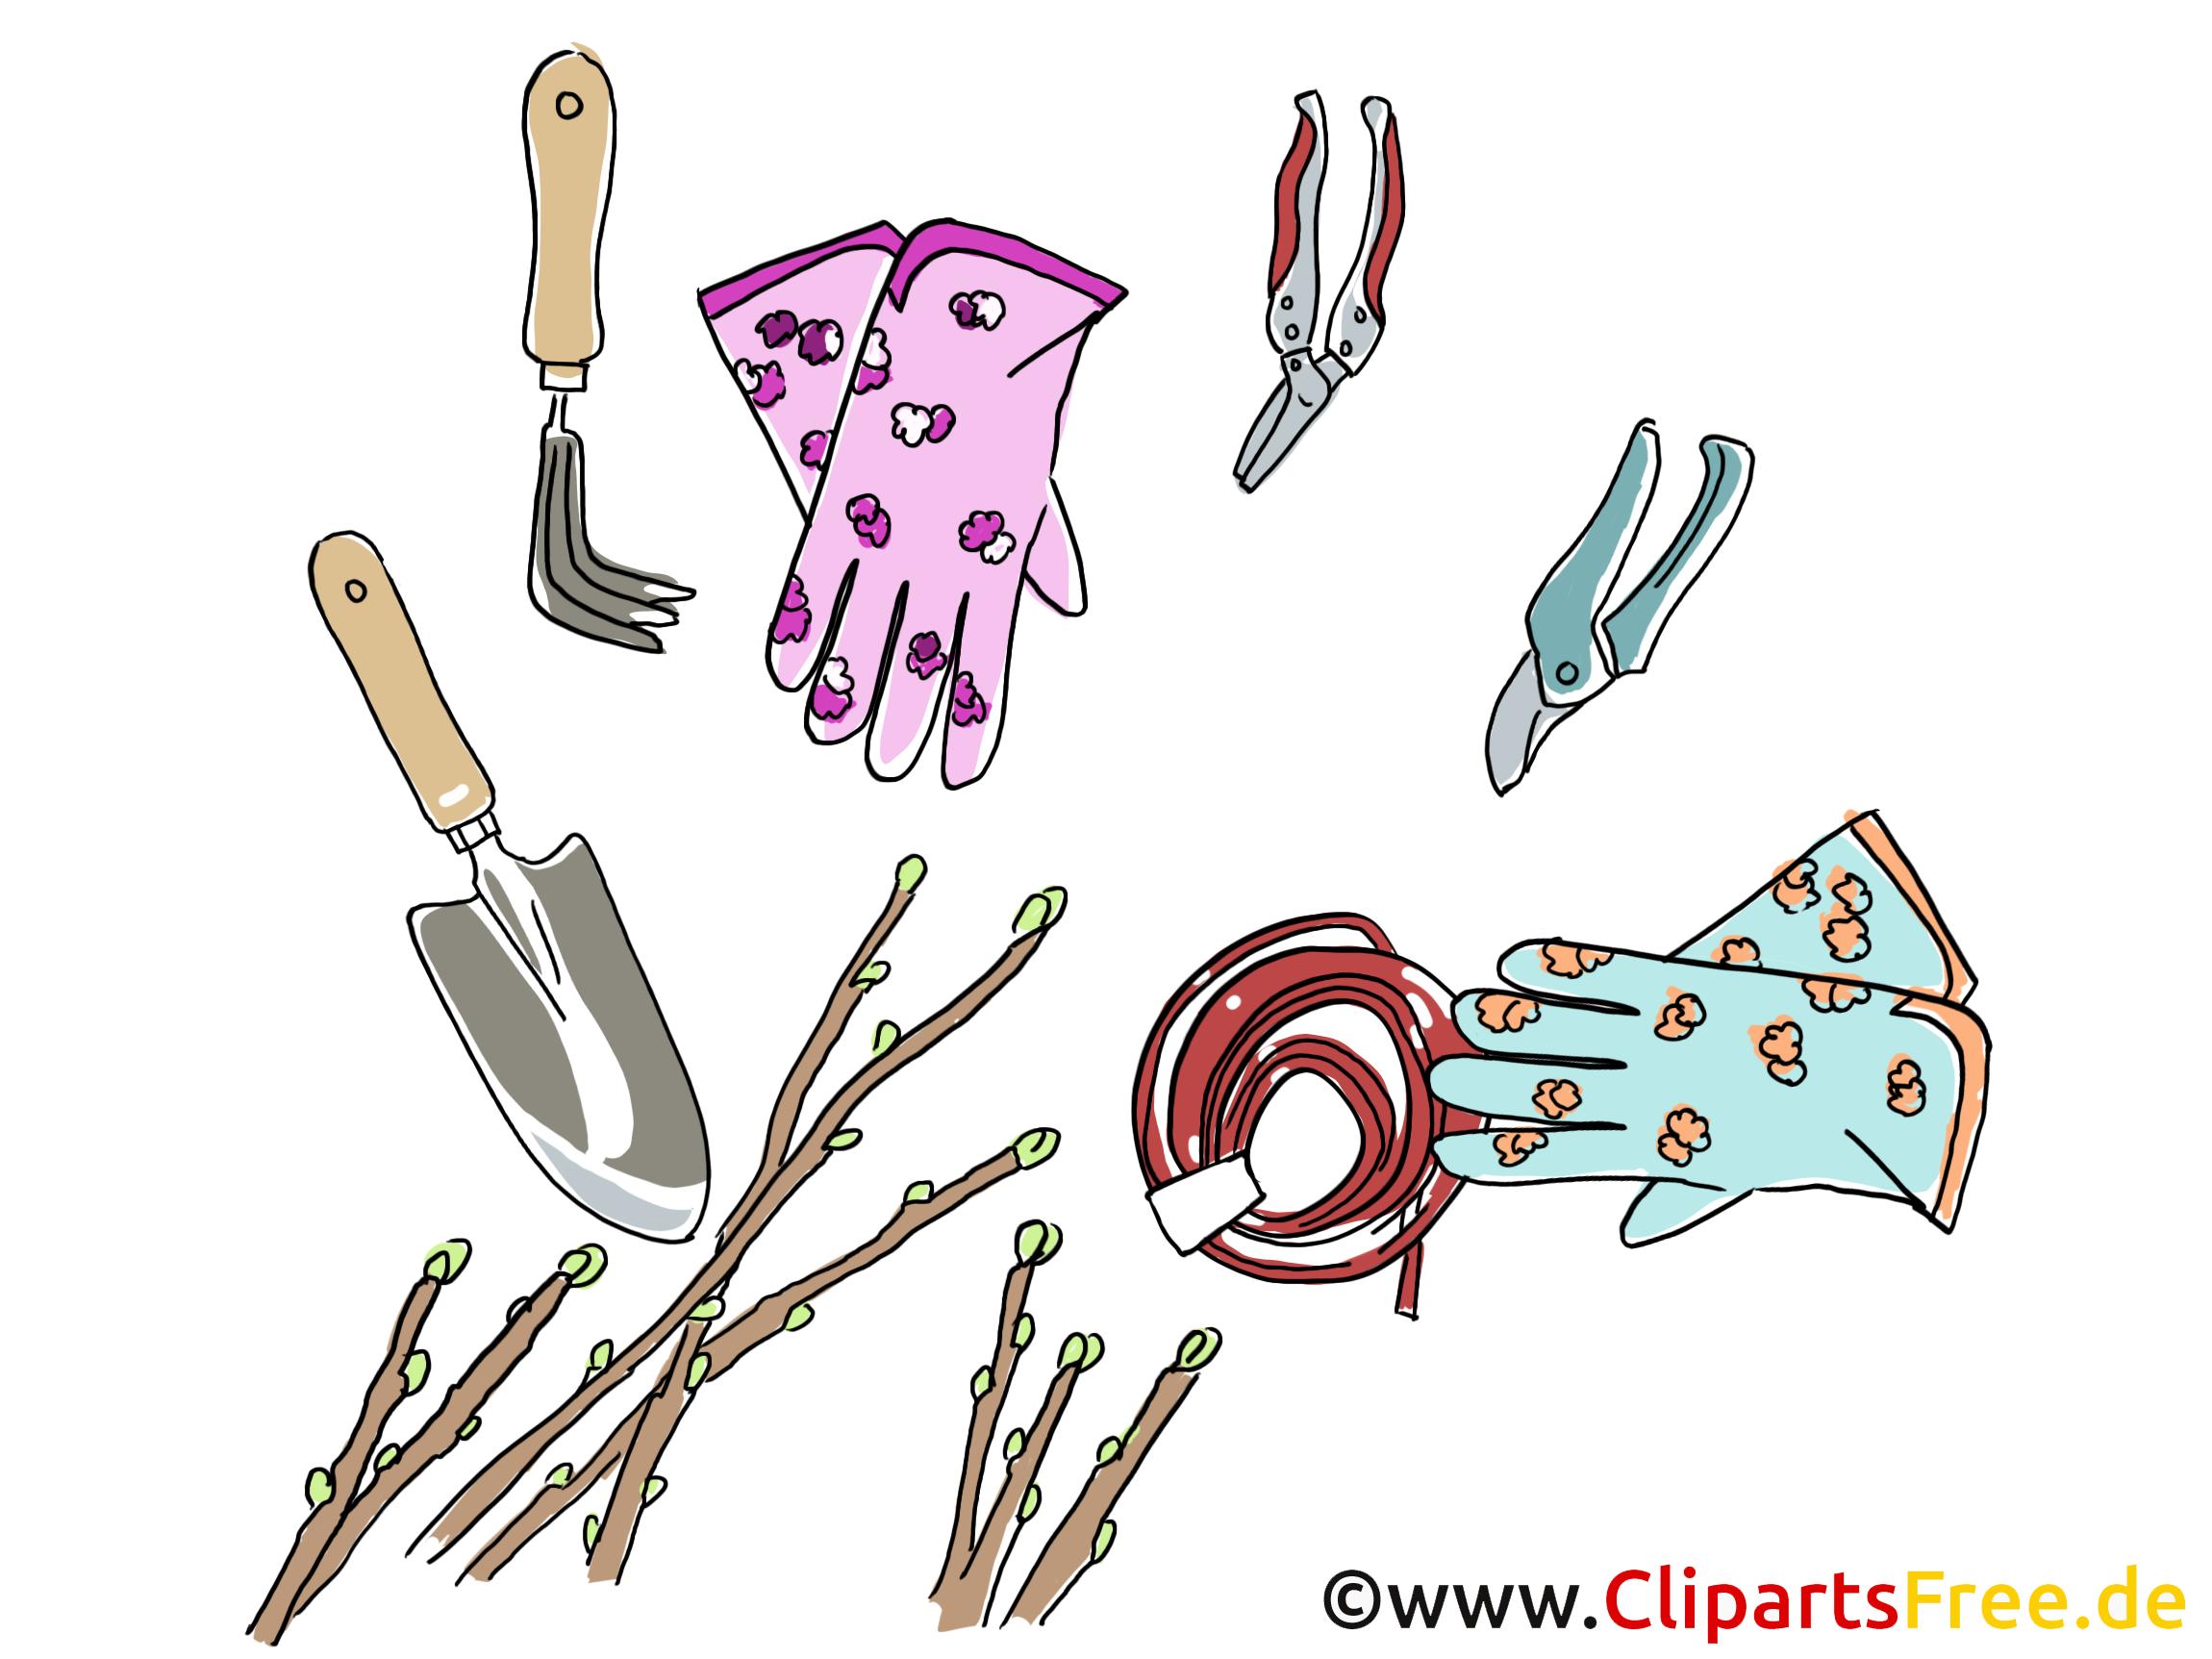 Outils de jardinage fonds d'écran gratuite